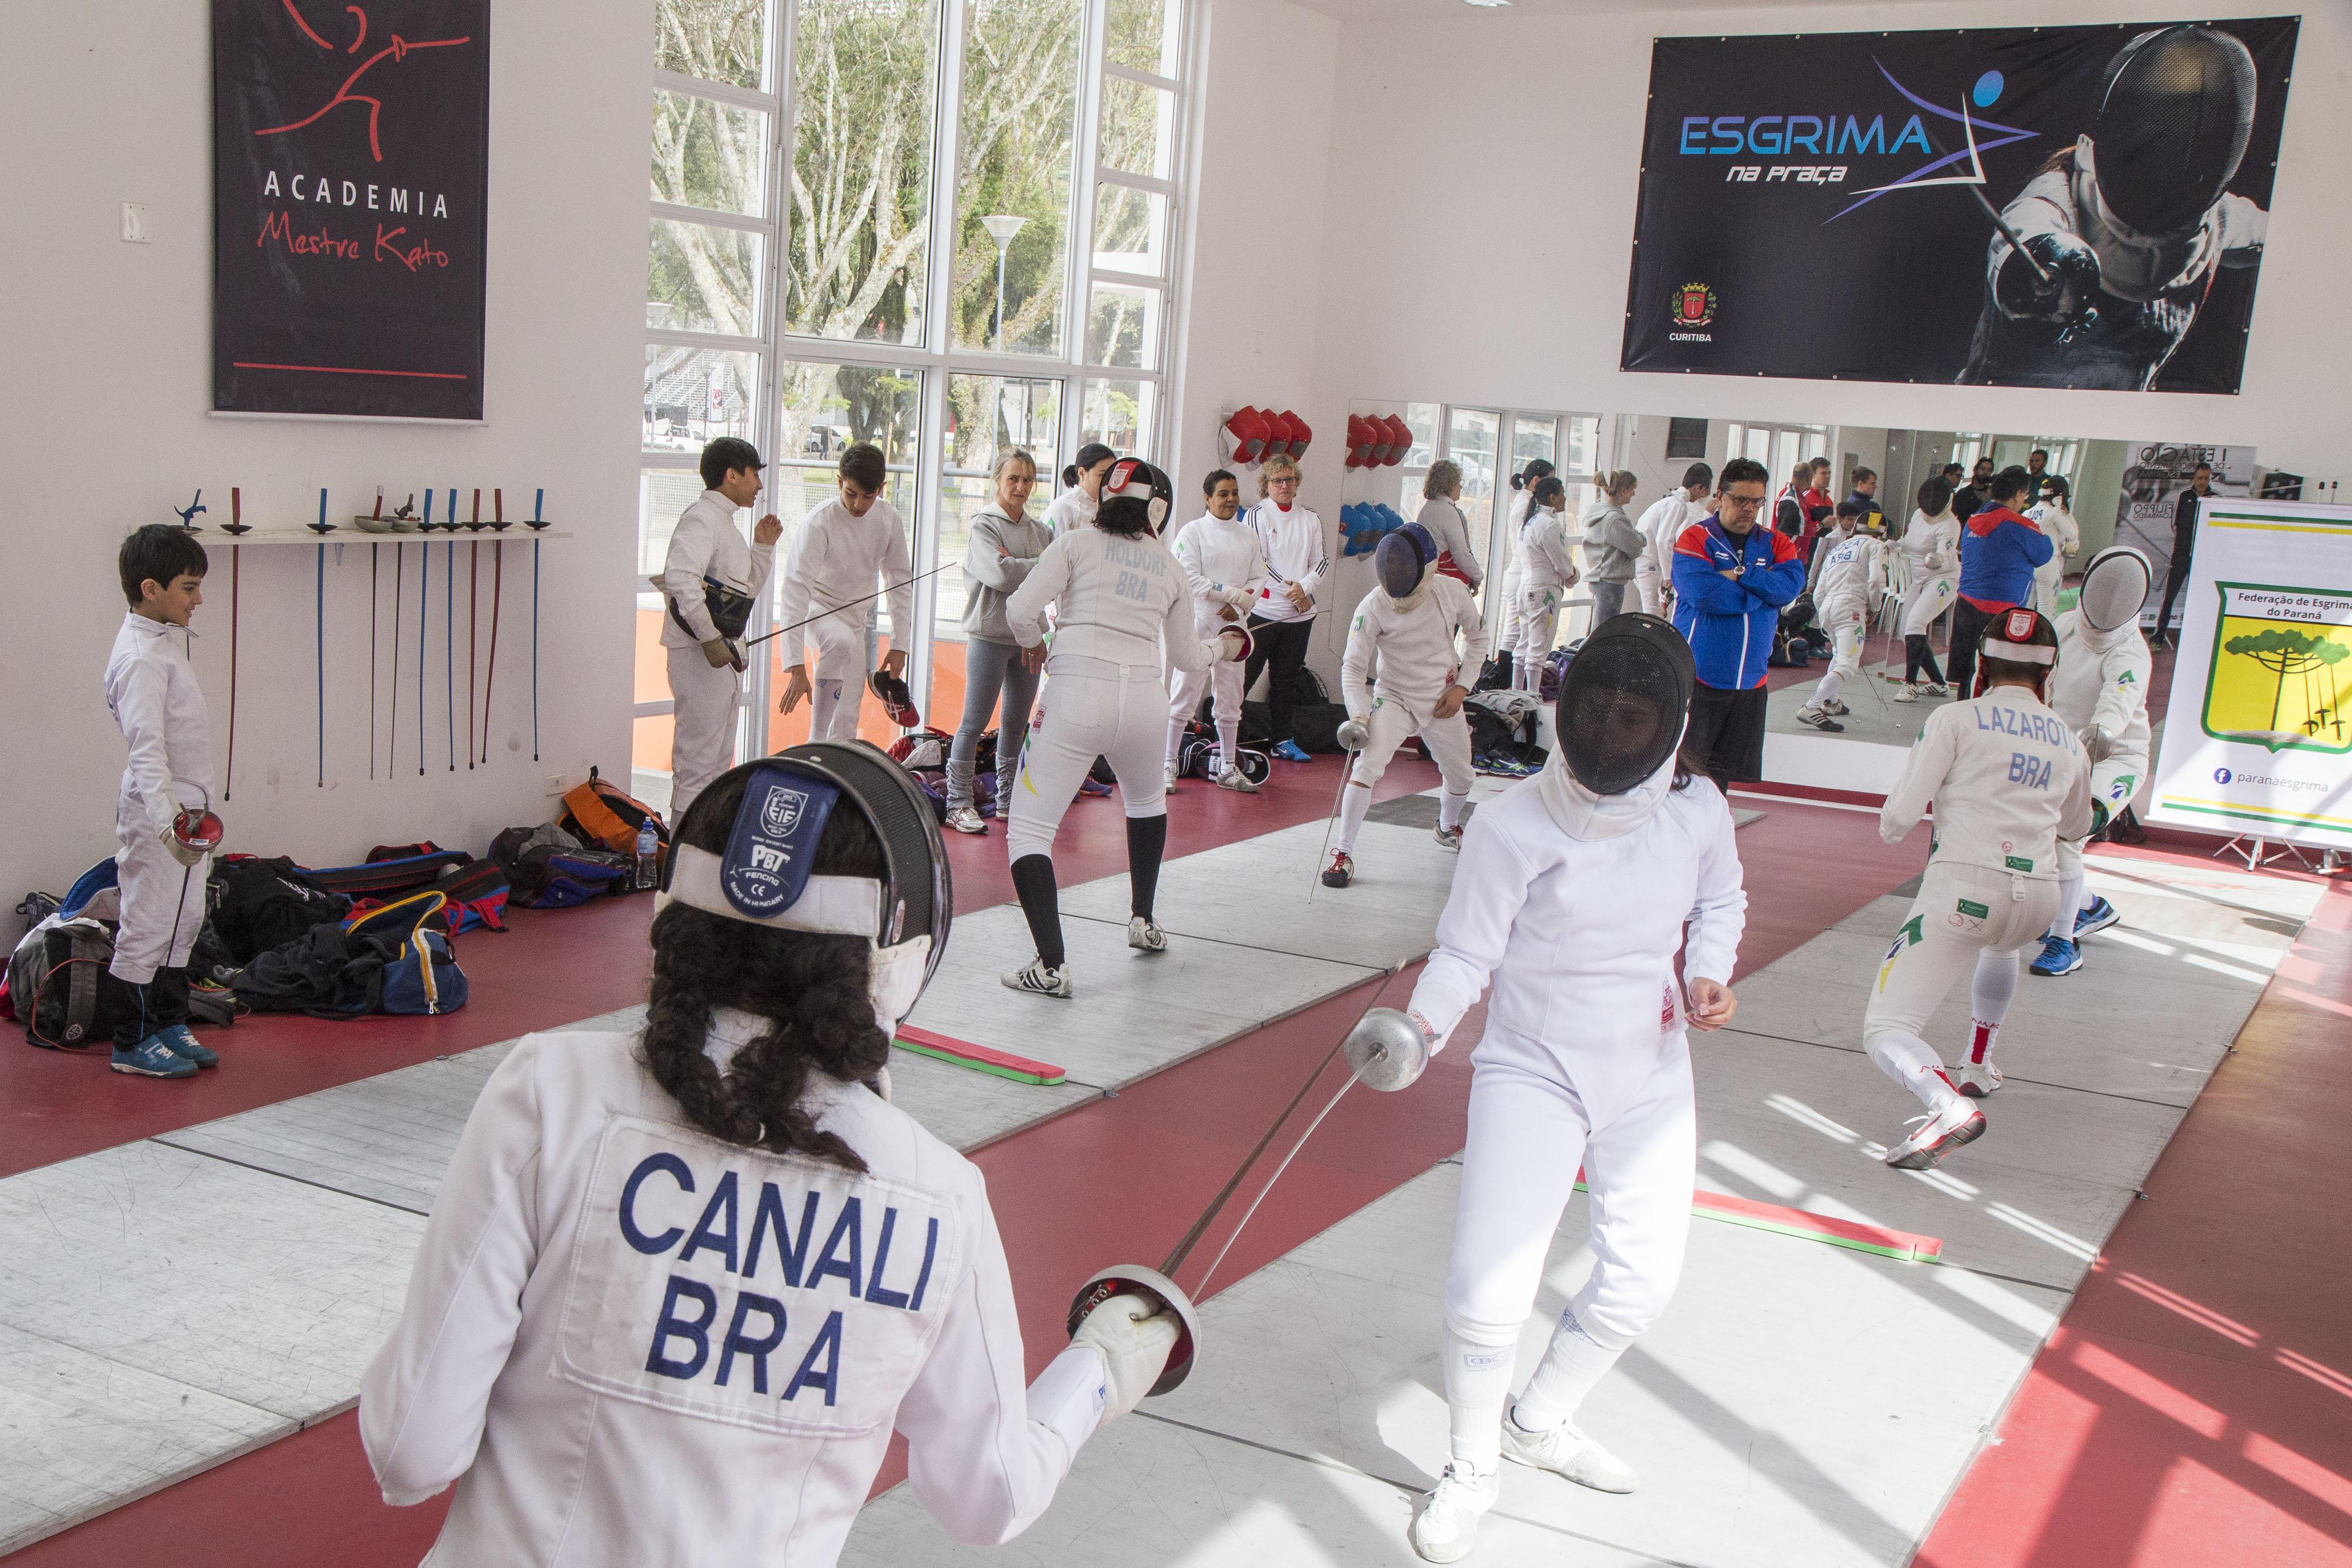 As aulas de esgrima no CEL é uma parceria entre Prefeitura de Curitiba e Academia Mestre Kato. Foto: Valdecir Galor/SMCS